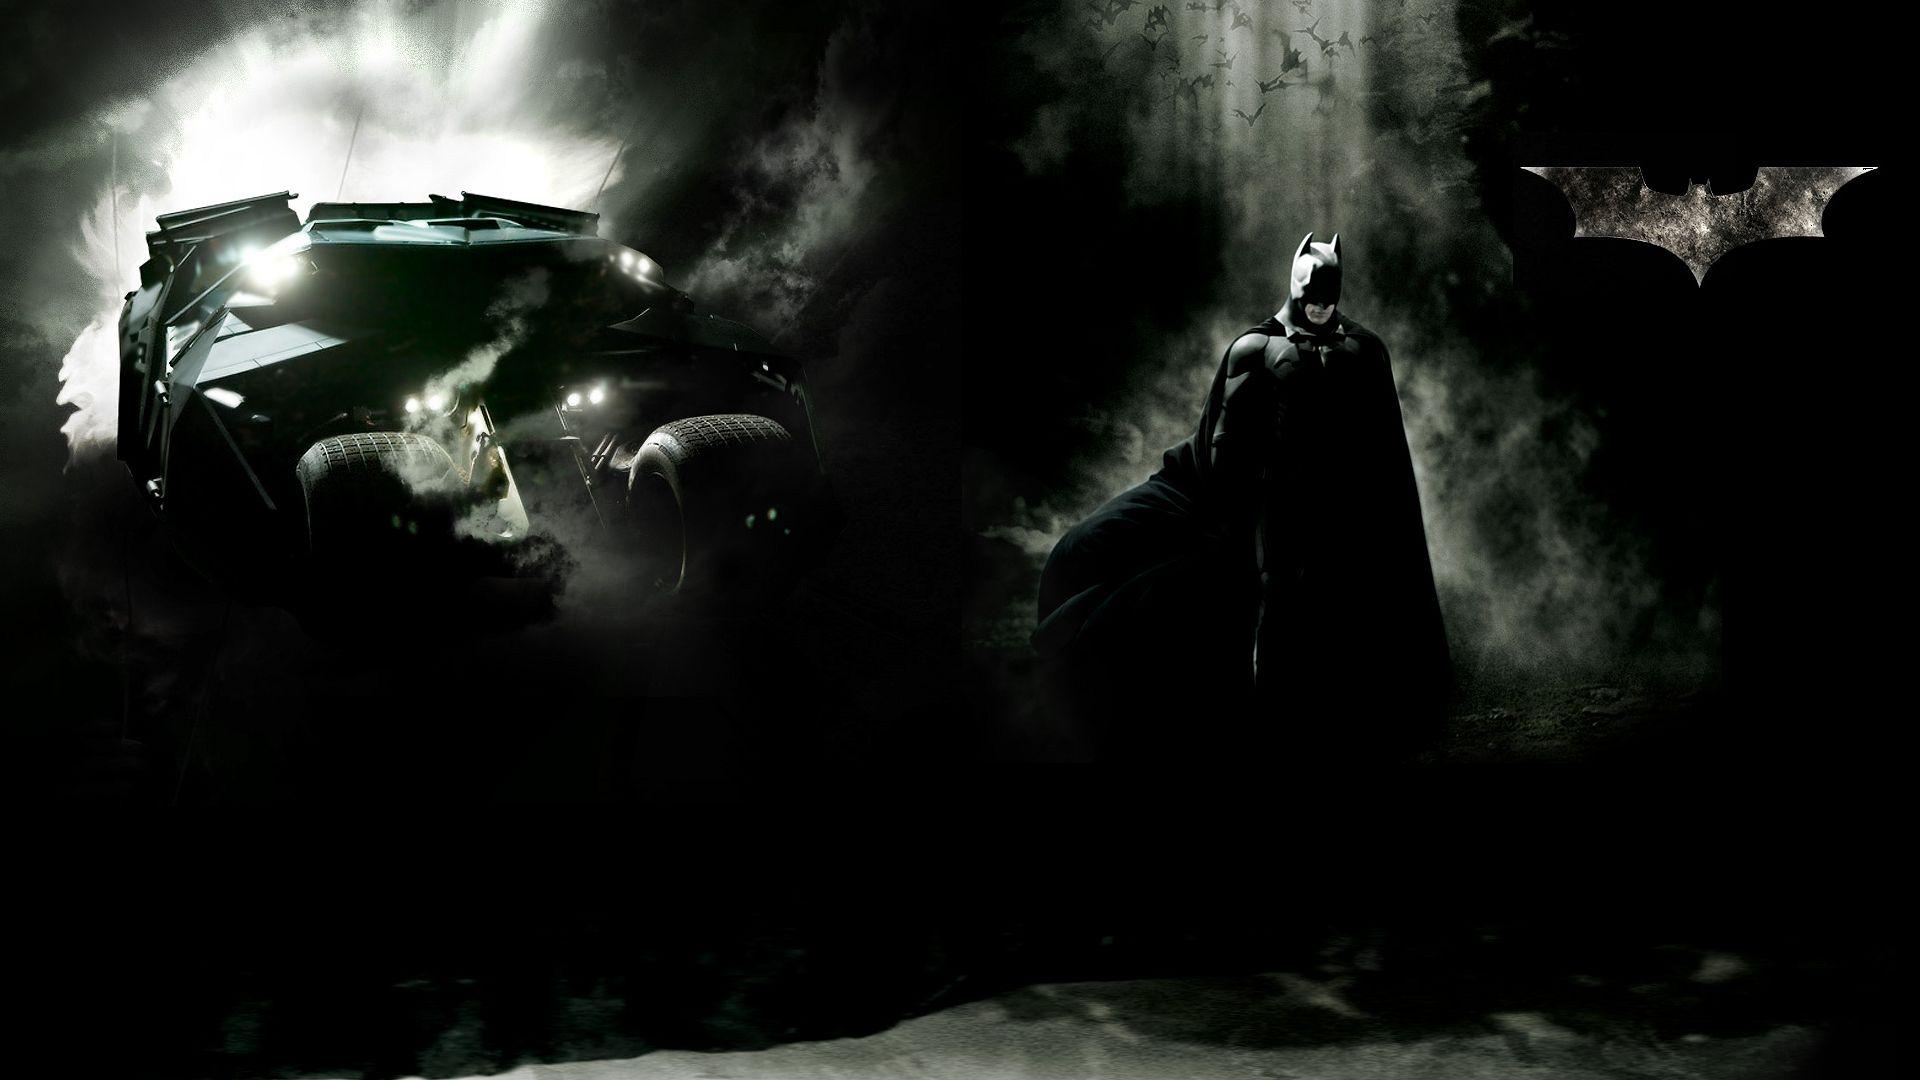 bat cave decal wallpaper - photo #31